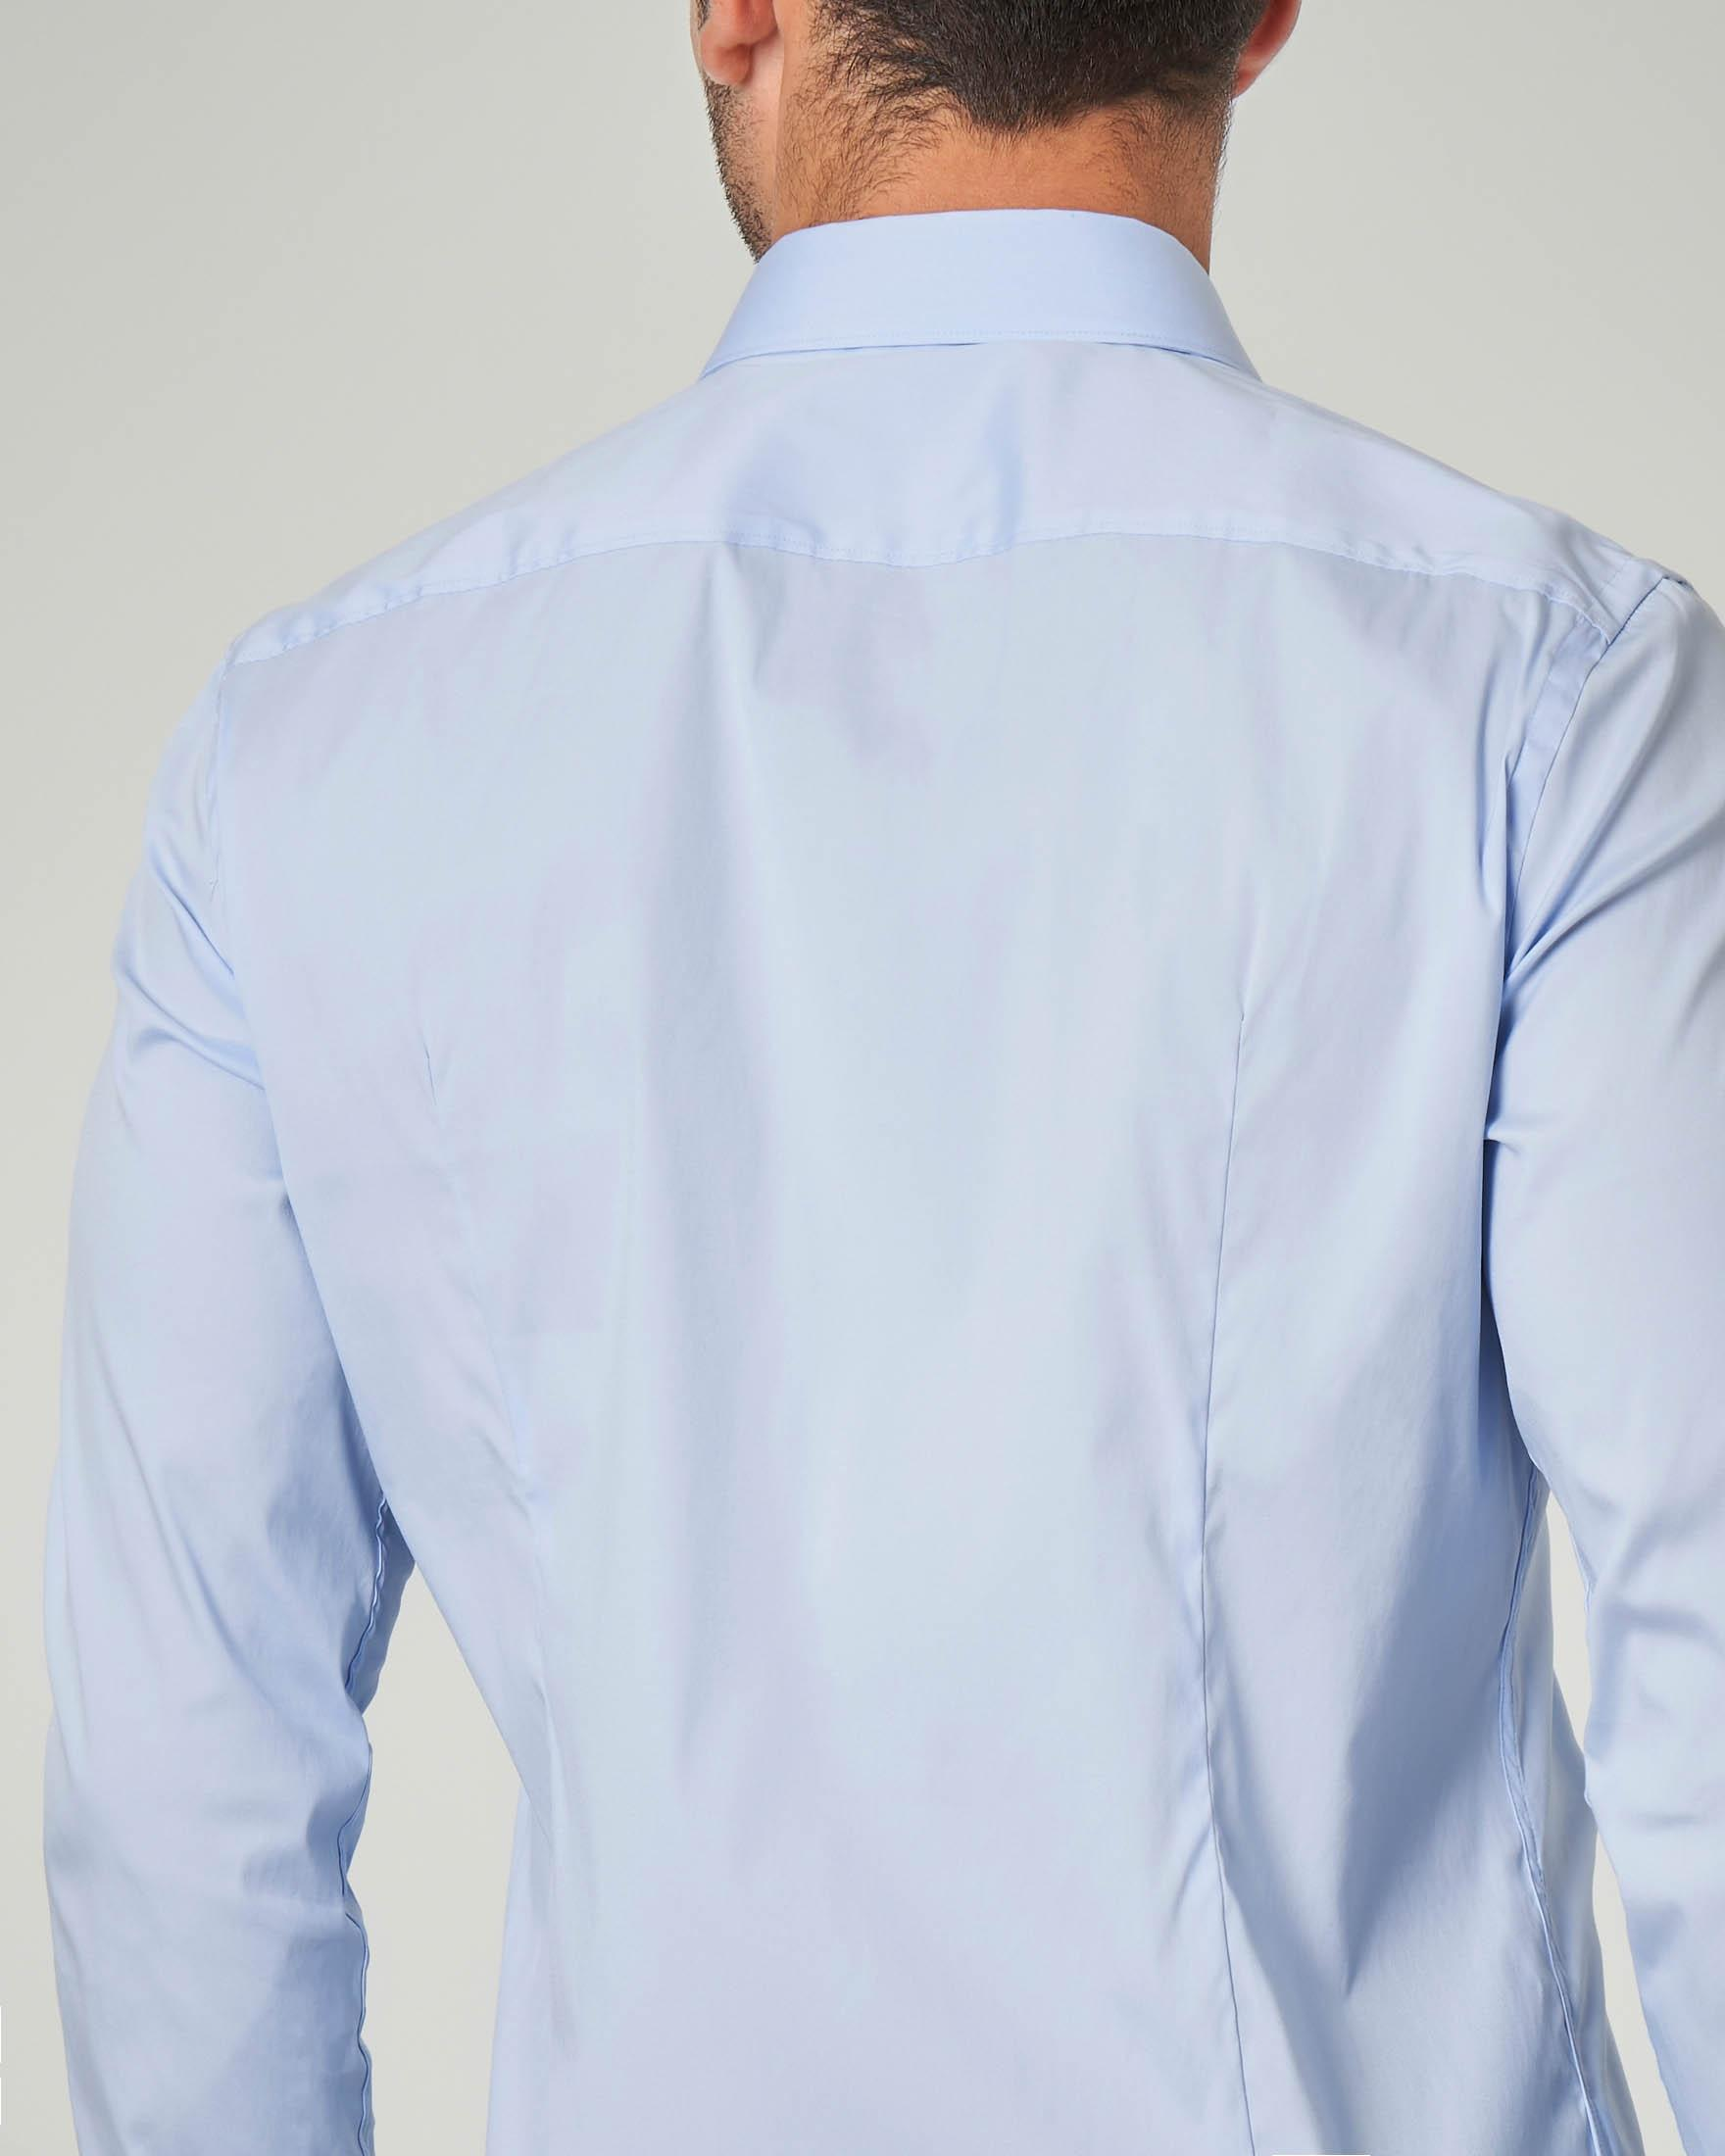 Camicia azzurra extra slim fit in popeline di cotone stretch